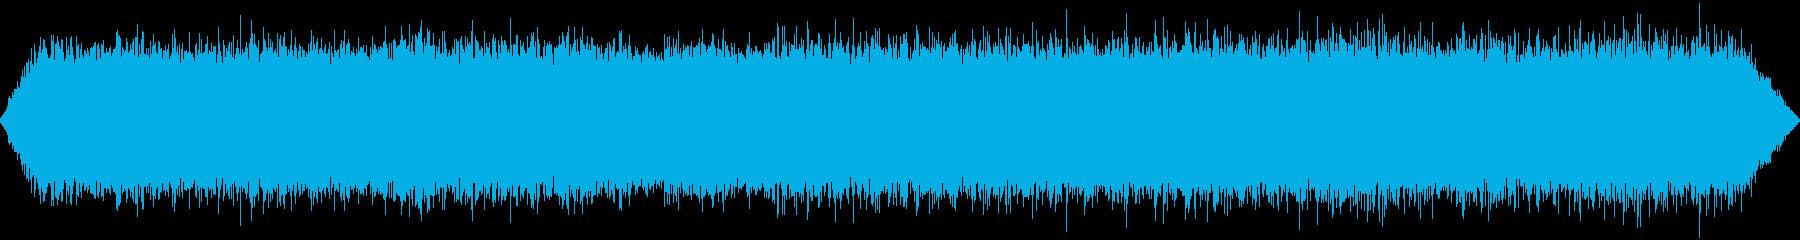 ネイビーフリゲート:オンボード:エ...の再生済みの波形